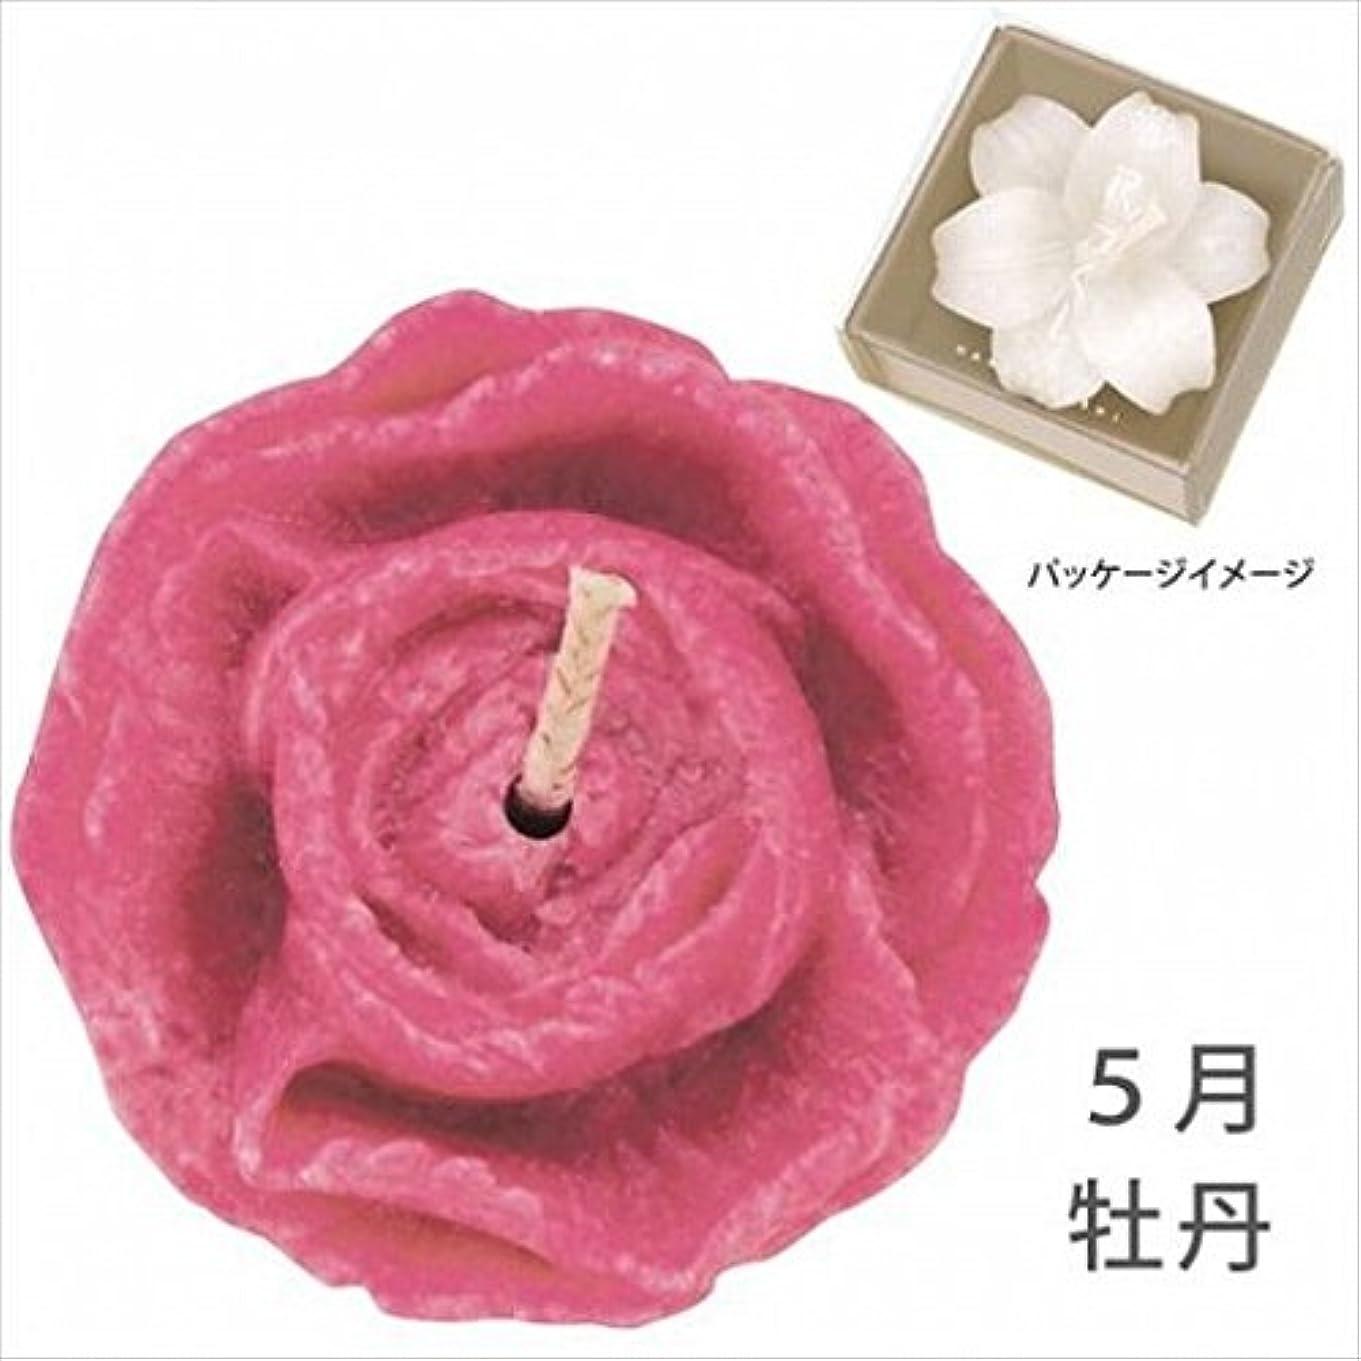 ラビリンス直接そのkameyama candle(カメヤマキャンドル) 花づくし(植物性) 牡丹 「 牡丹(5月) 」 キャンドル(A4620590)